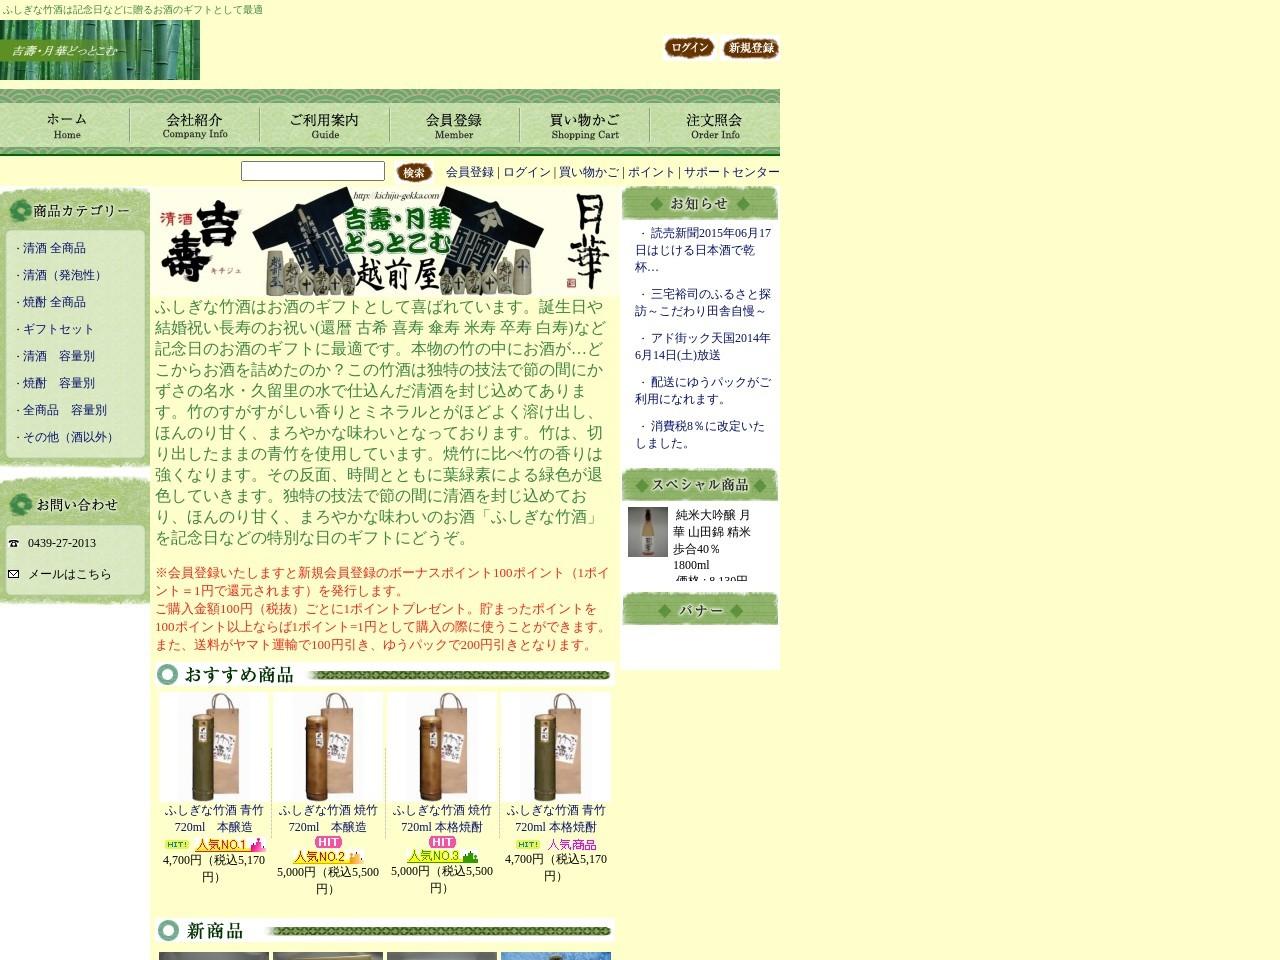 ふしぎな竹酒はお酒のギフトに最適